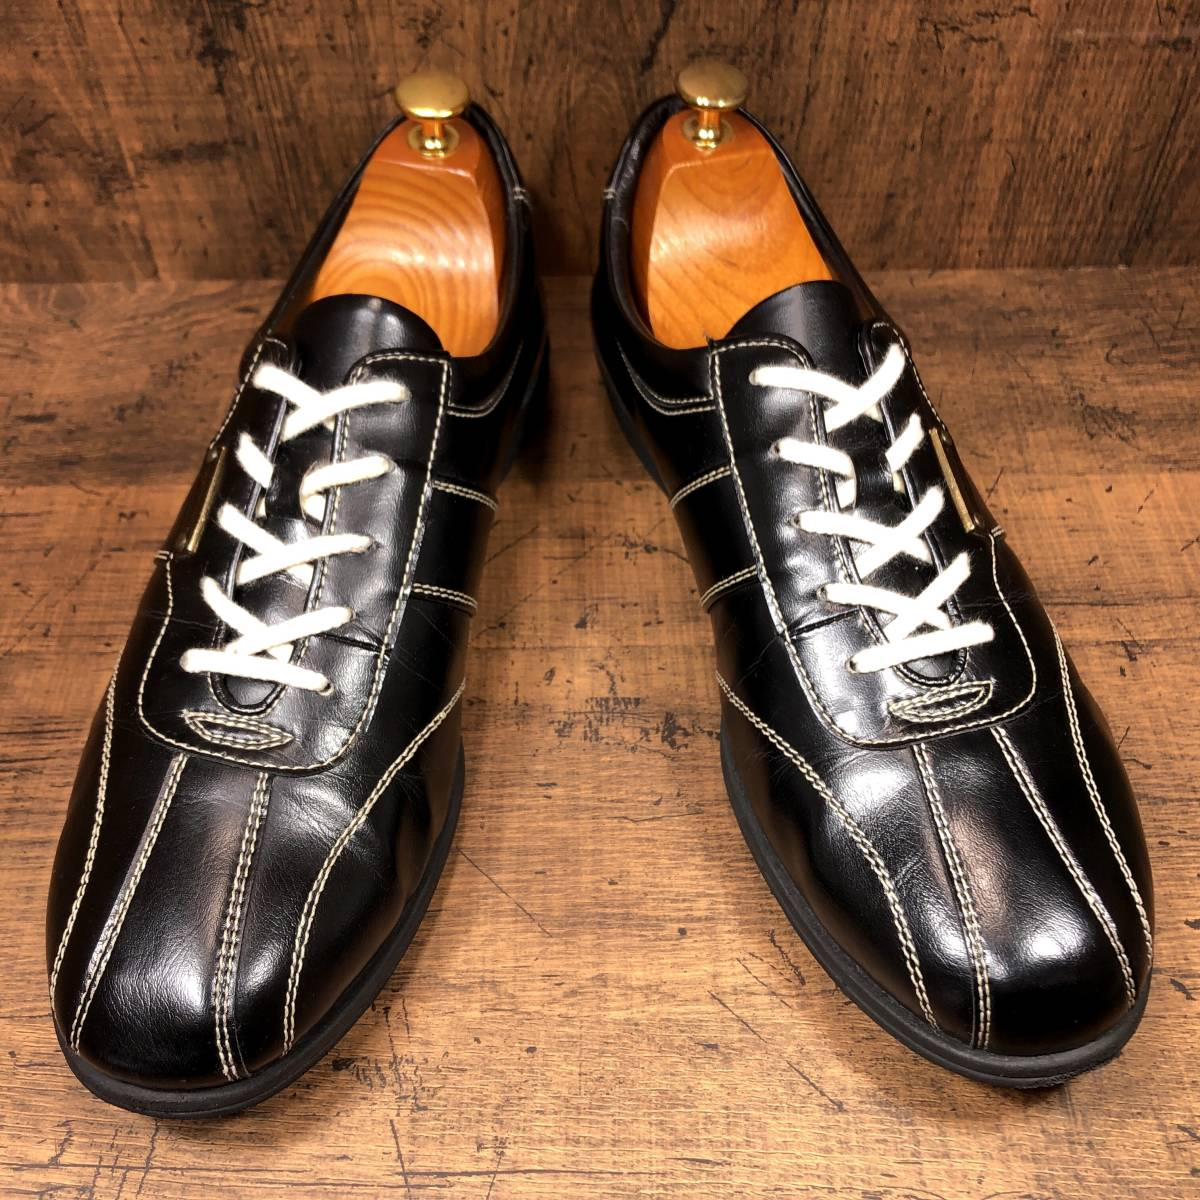 ■CASTELBAJAC■ 26cm 黒 ブラック カステルバジャック スニーカー メンズ 靴 くつ 中古 ヤフネコ 即決_画像2